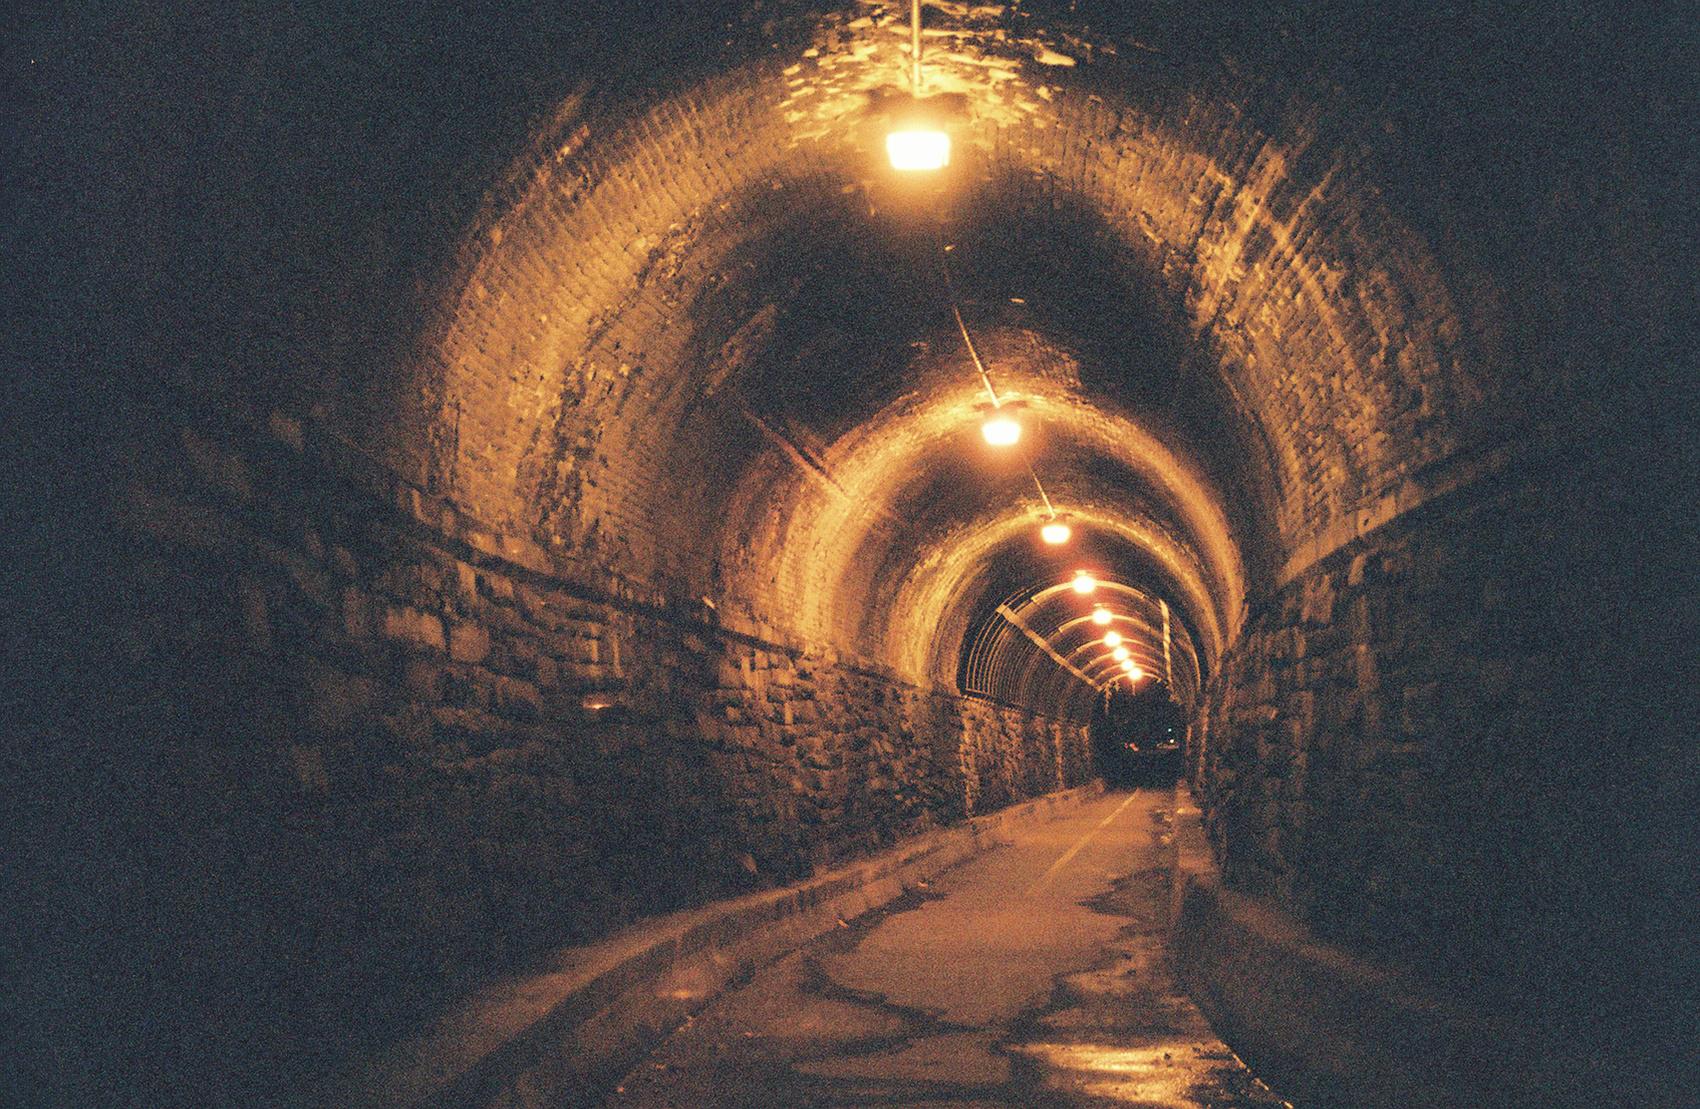 Tunnel-Leica.jpg